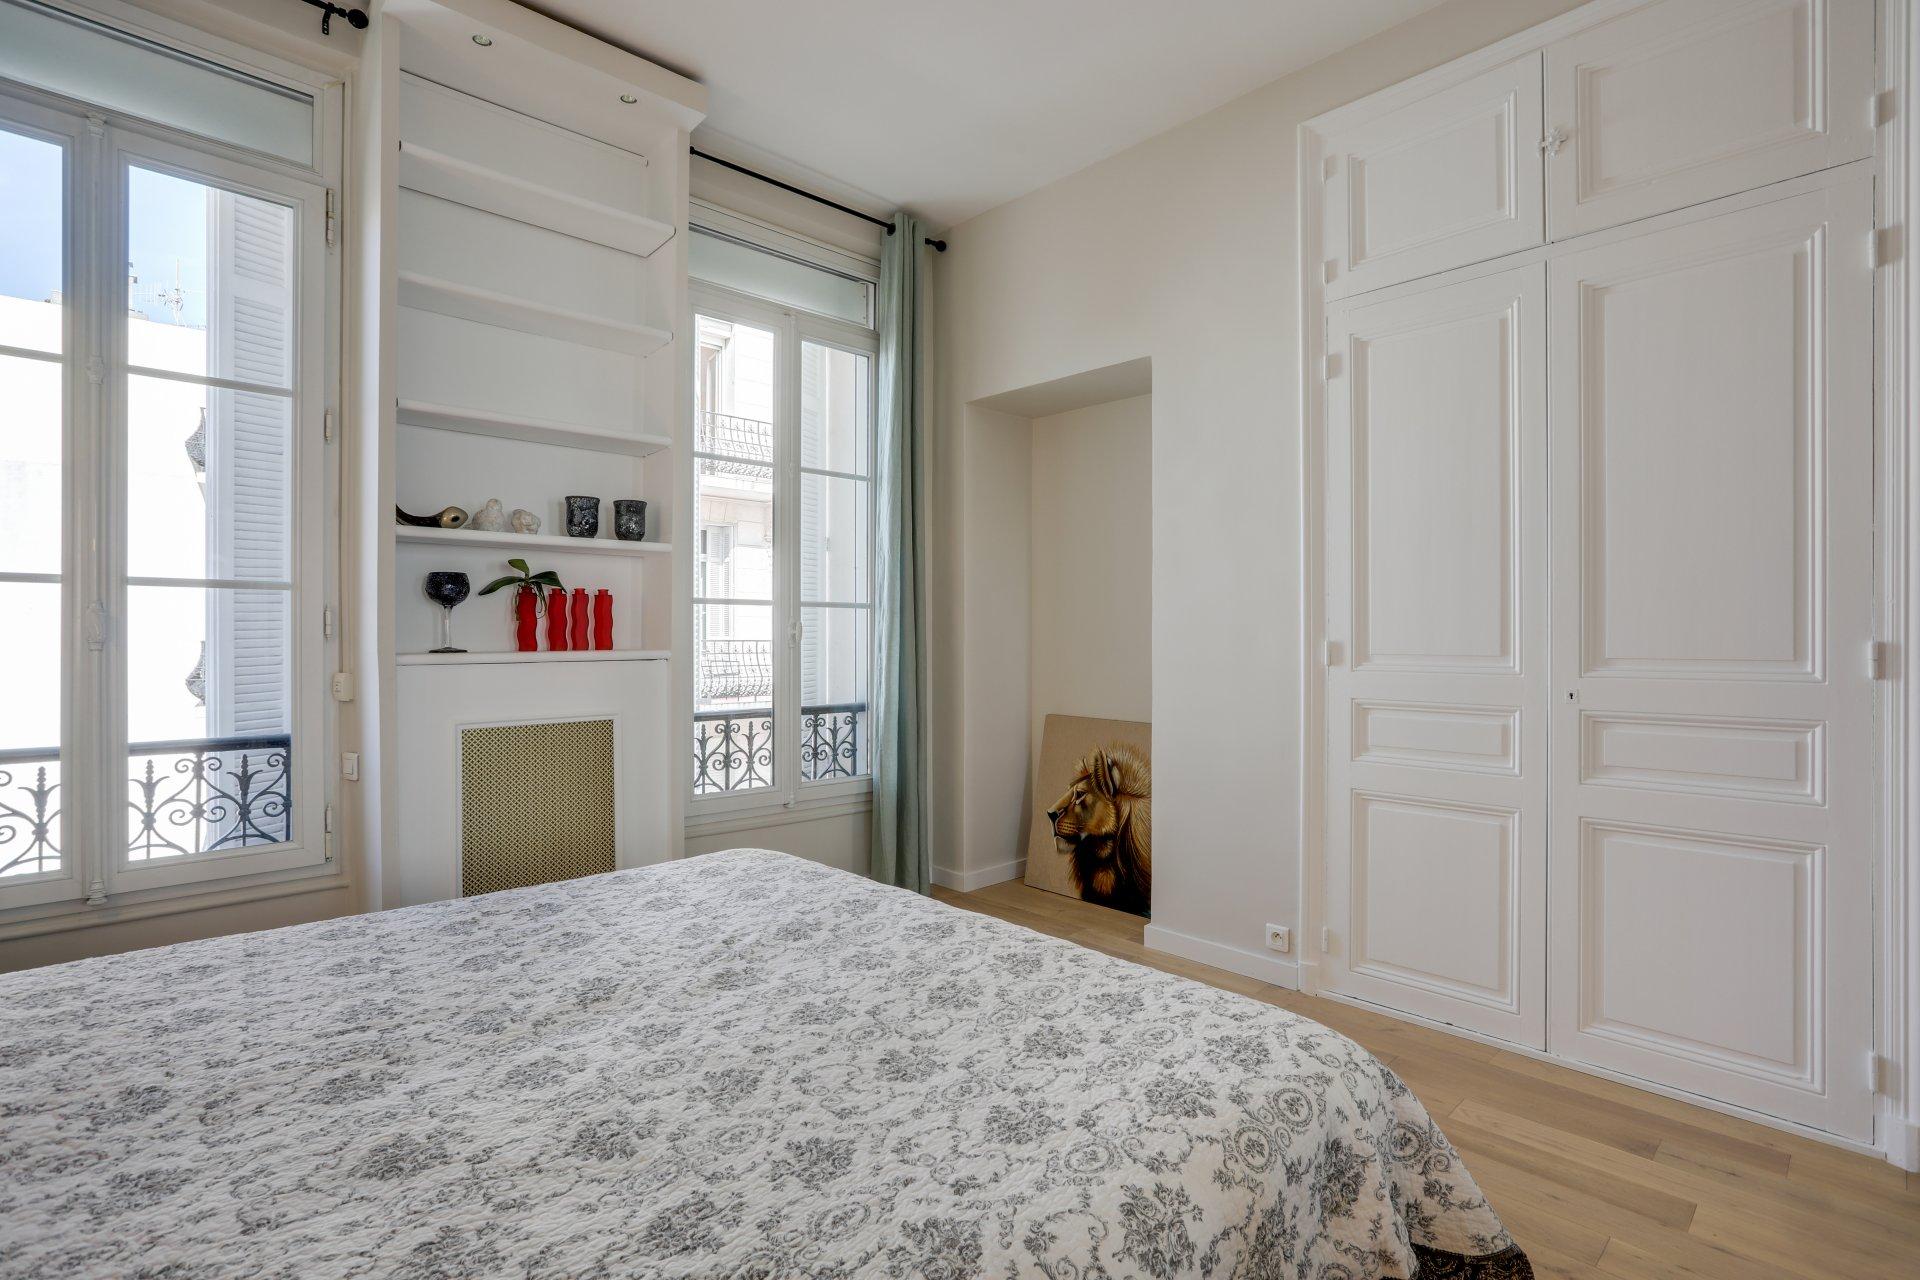 Exclusivité CANNES BANANE: Bel appartement 3 pièces à 2 pas de la Croisette